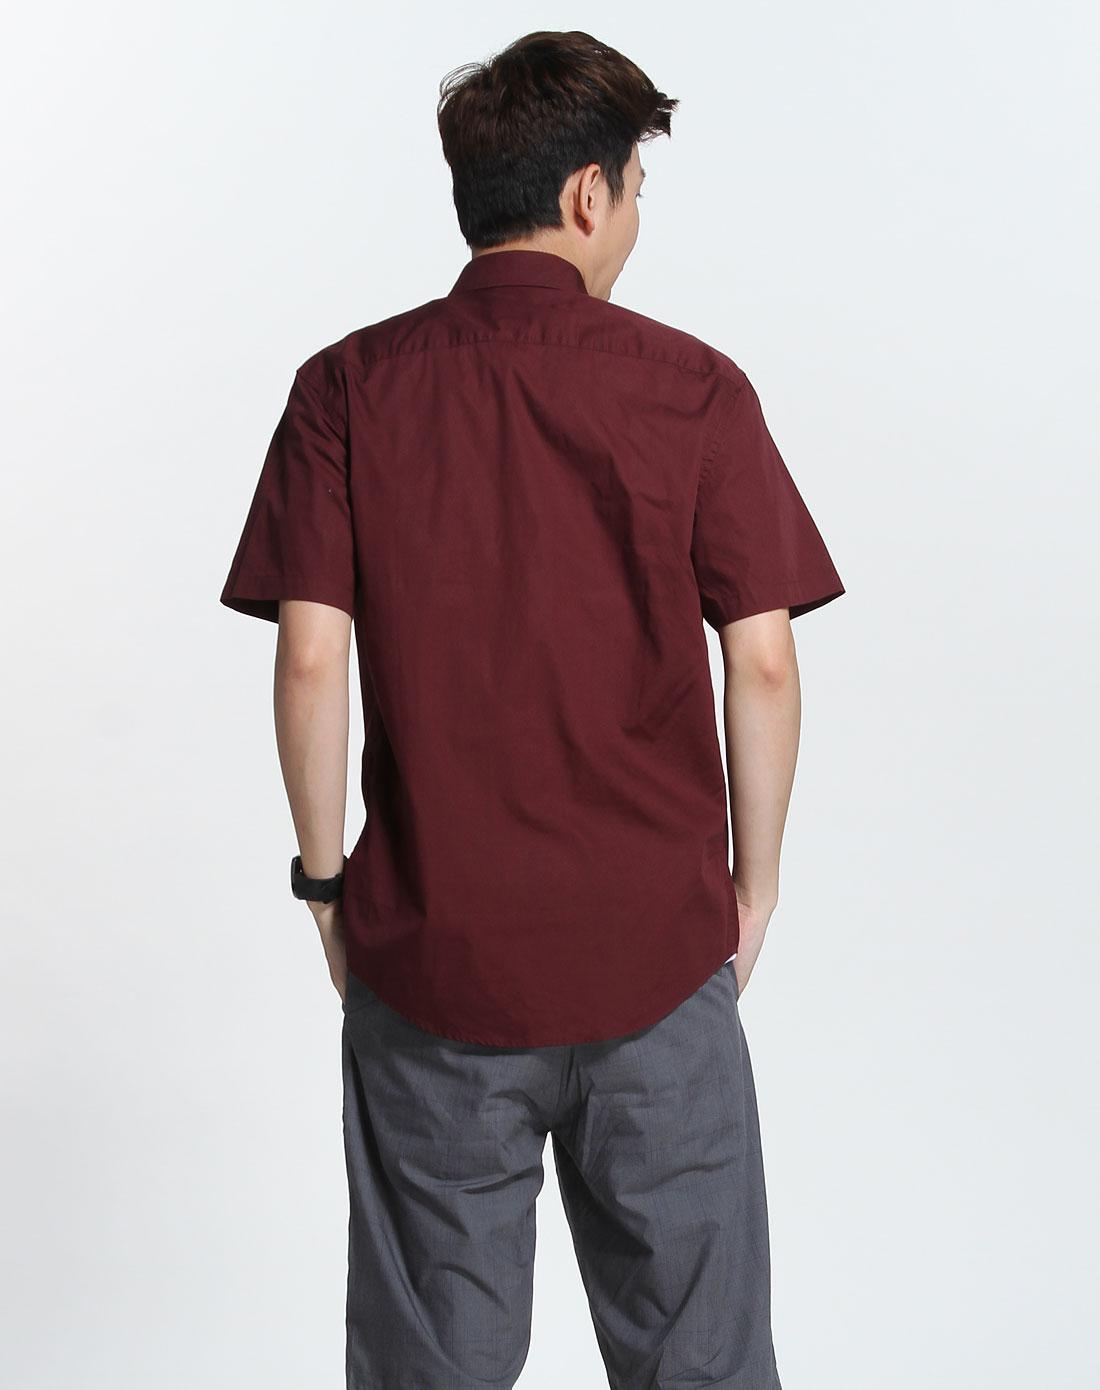 斯波帝卡sportica枣红色休闲短袖衬衫172622